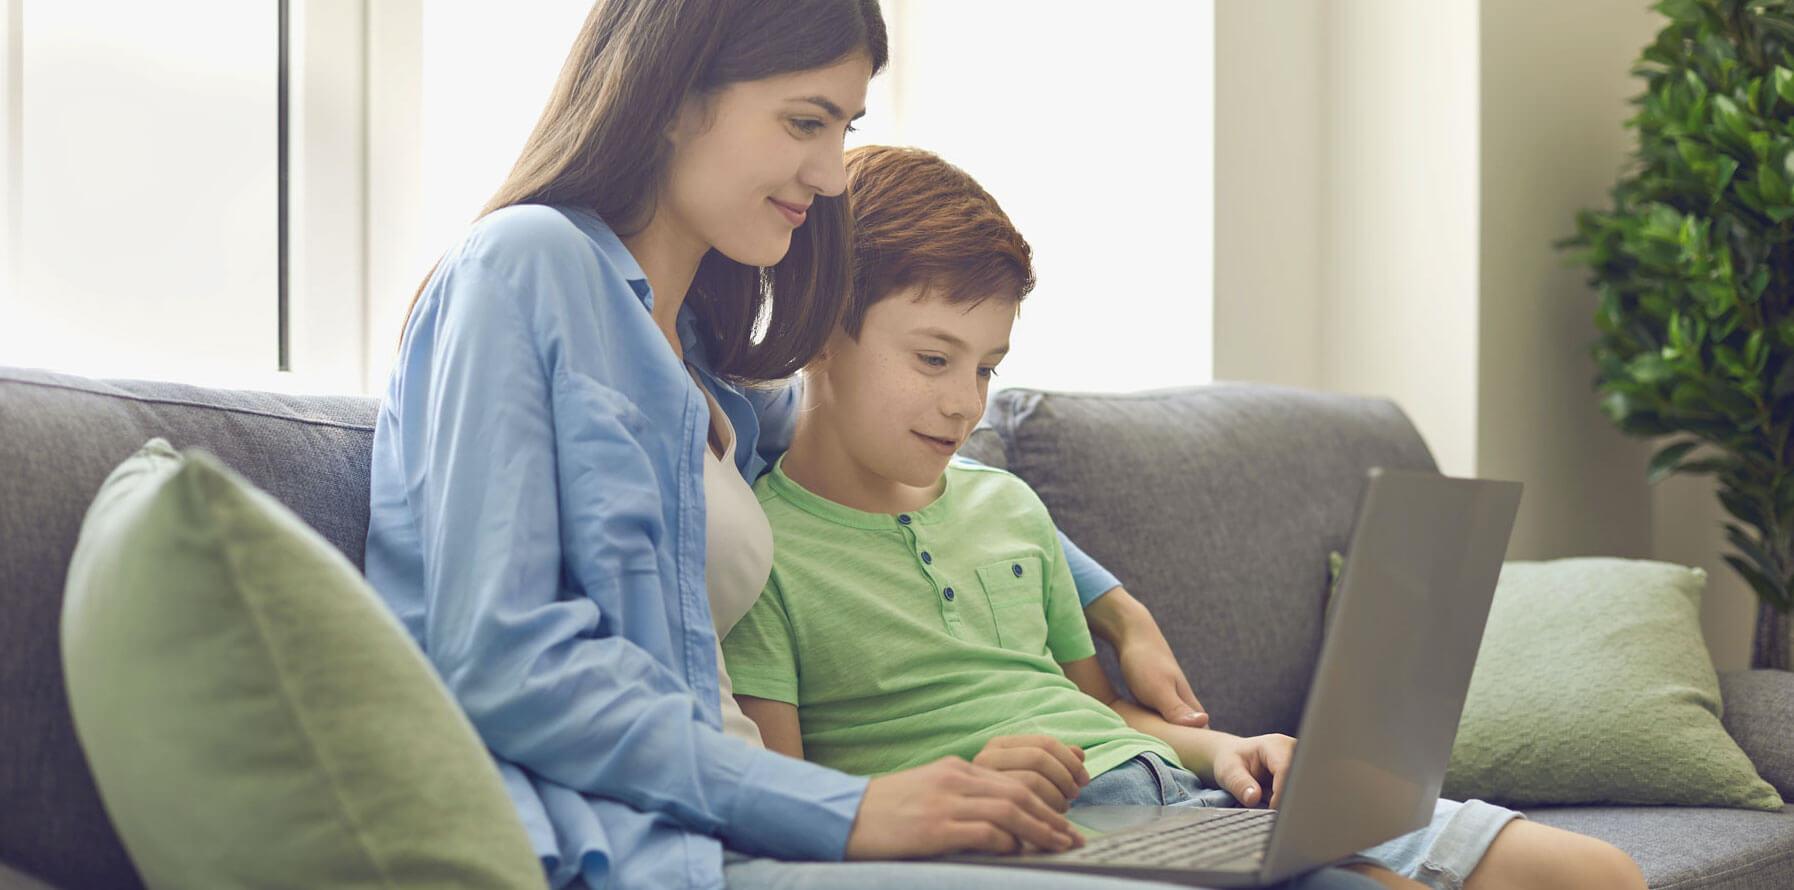 Cha mẹ có thể tham khảo một số khóa học tiếng Anh trực tuyến cho con trẻ